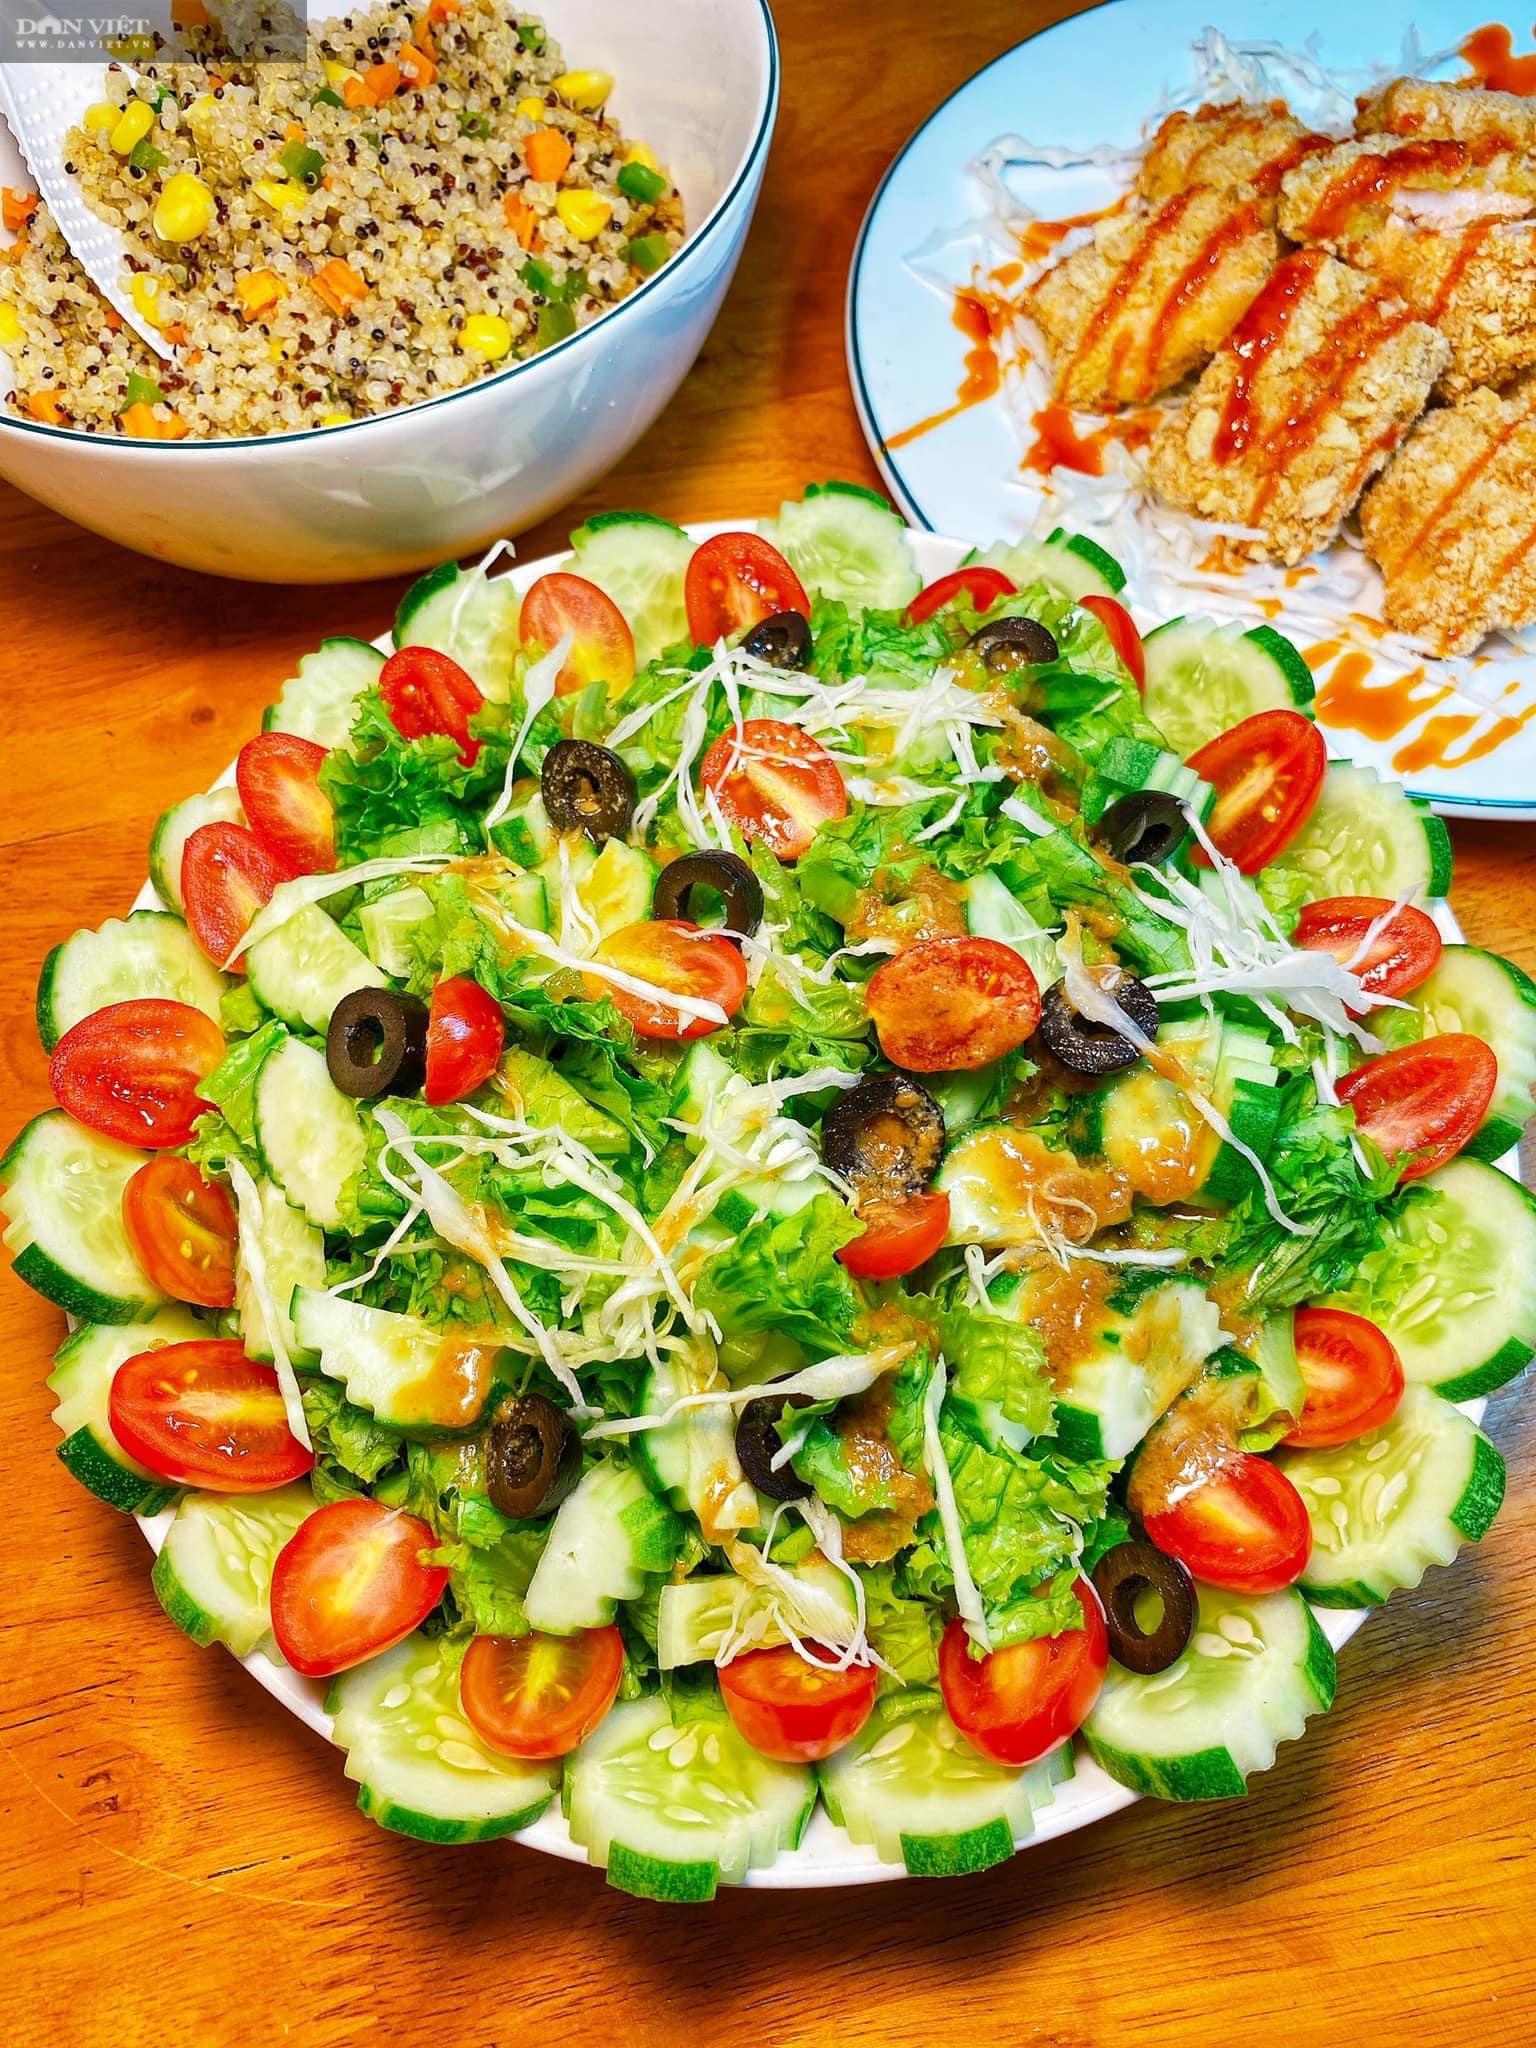 Gợi ý 11 món salad đẹp da, đẹp dáng cho chị em - Ảnh 4.